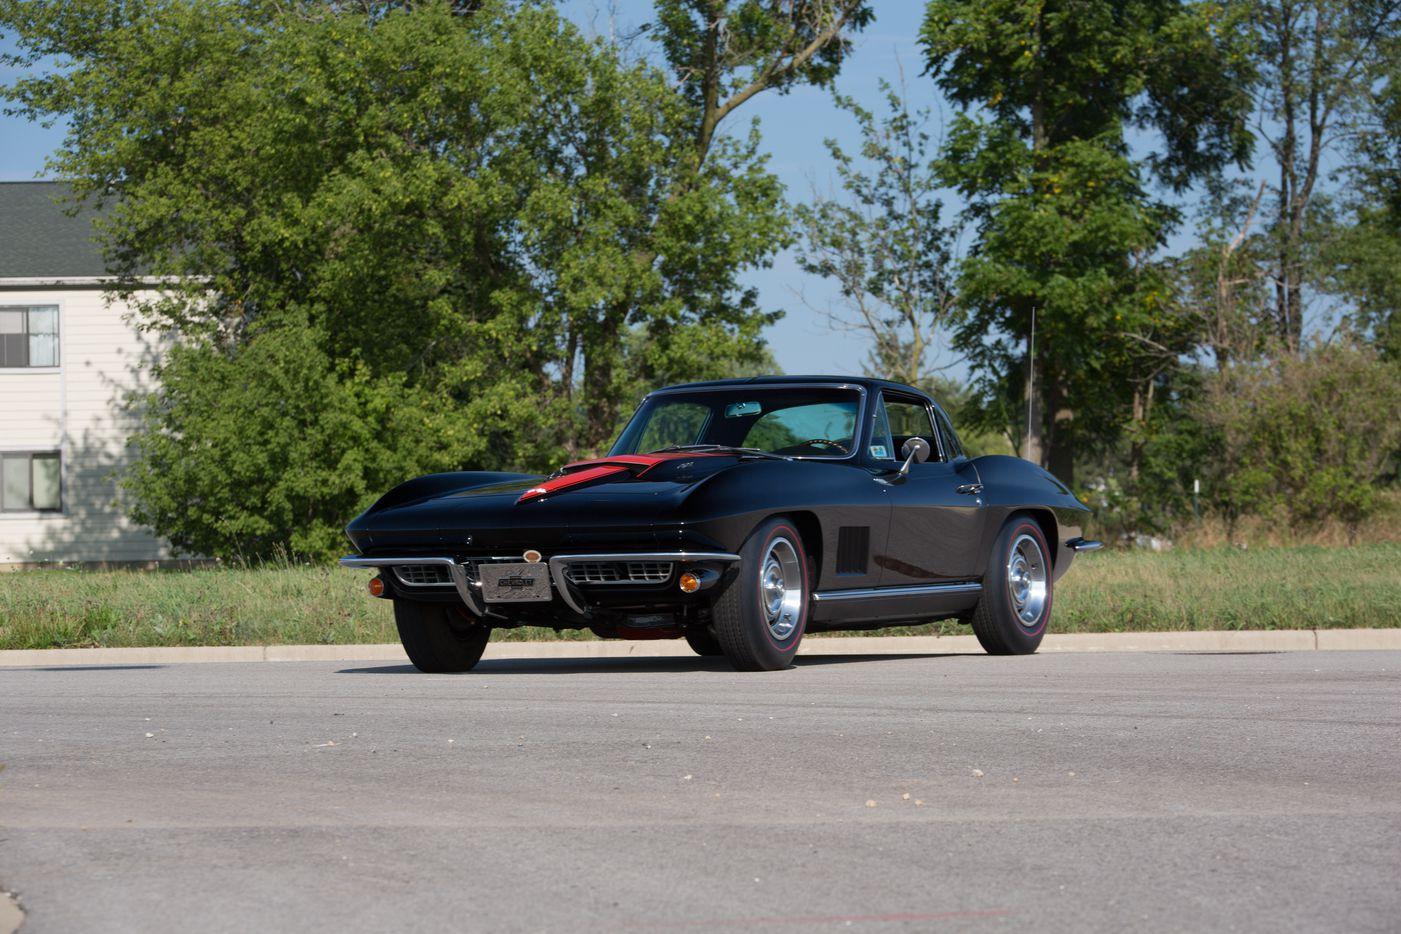 Lot S119 1967 Chevrolet Corvette Coupe